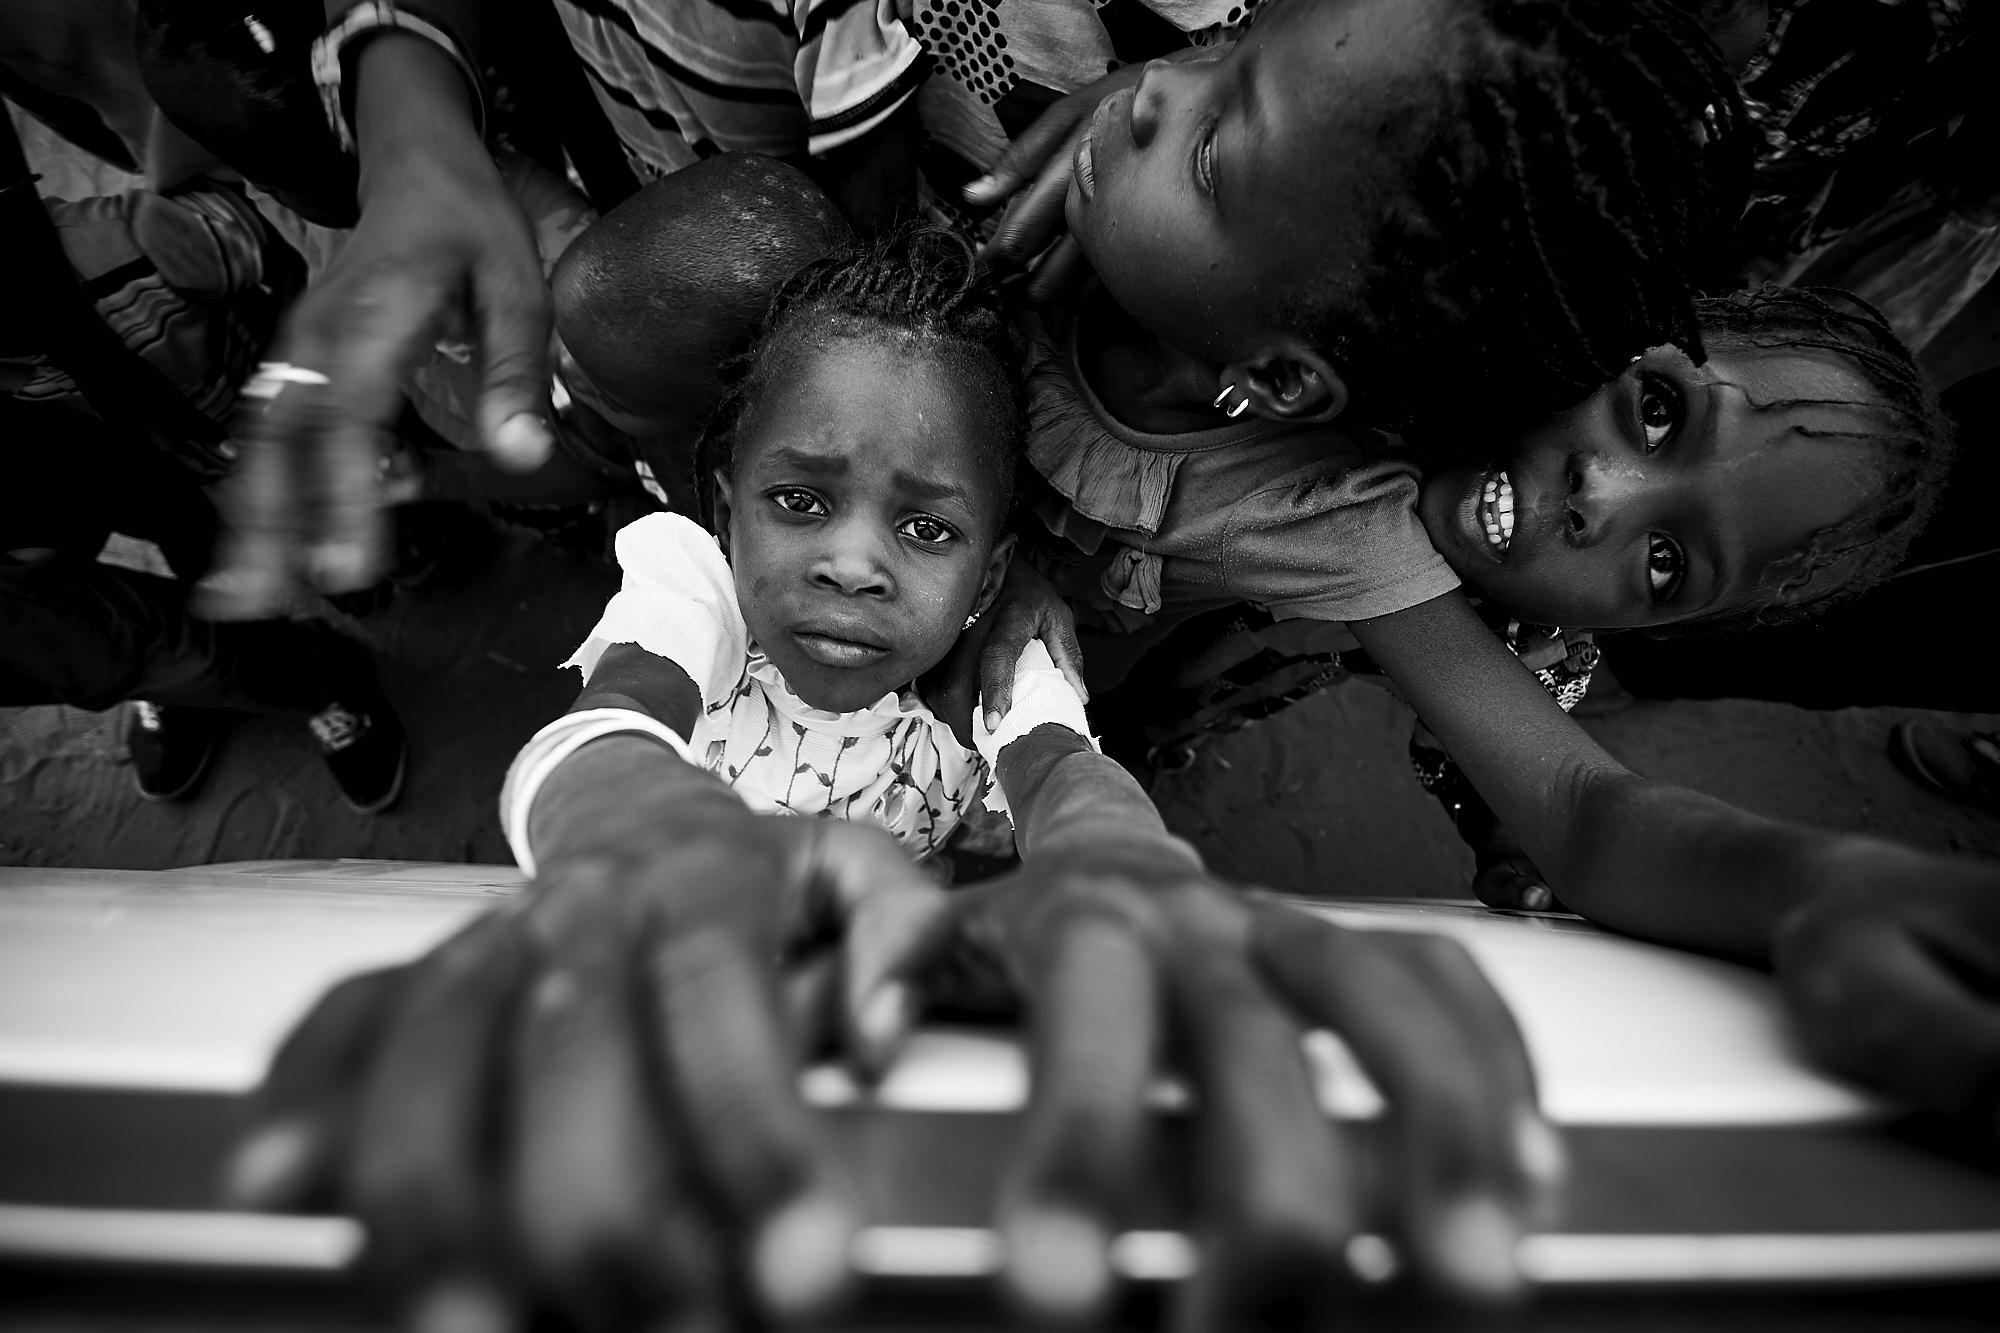 Crianças na aldeia de Parba, no Senegal, durante uma missão humanitária da AMI (1.º prémio - Portugal)